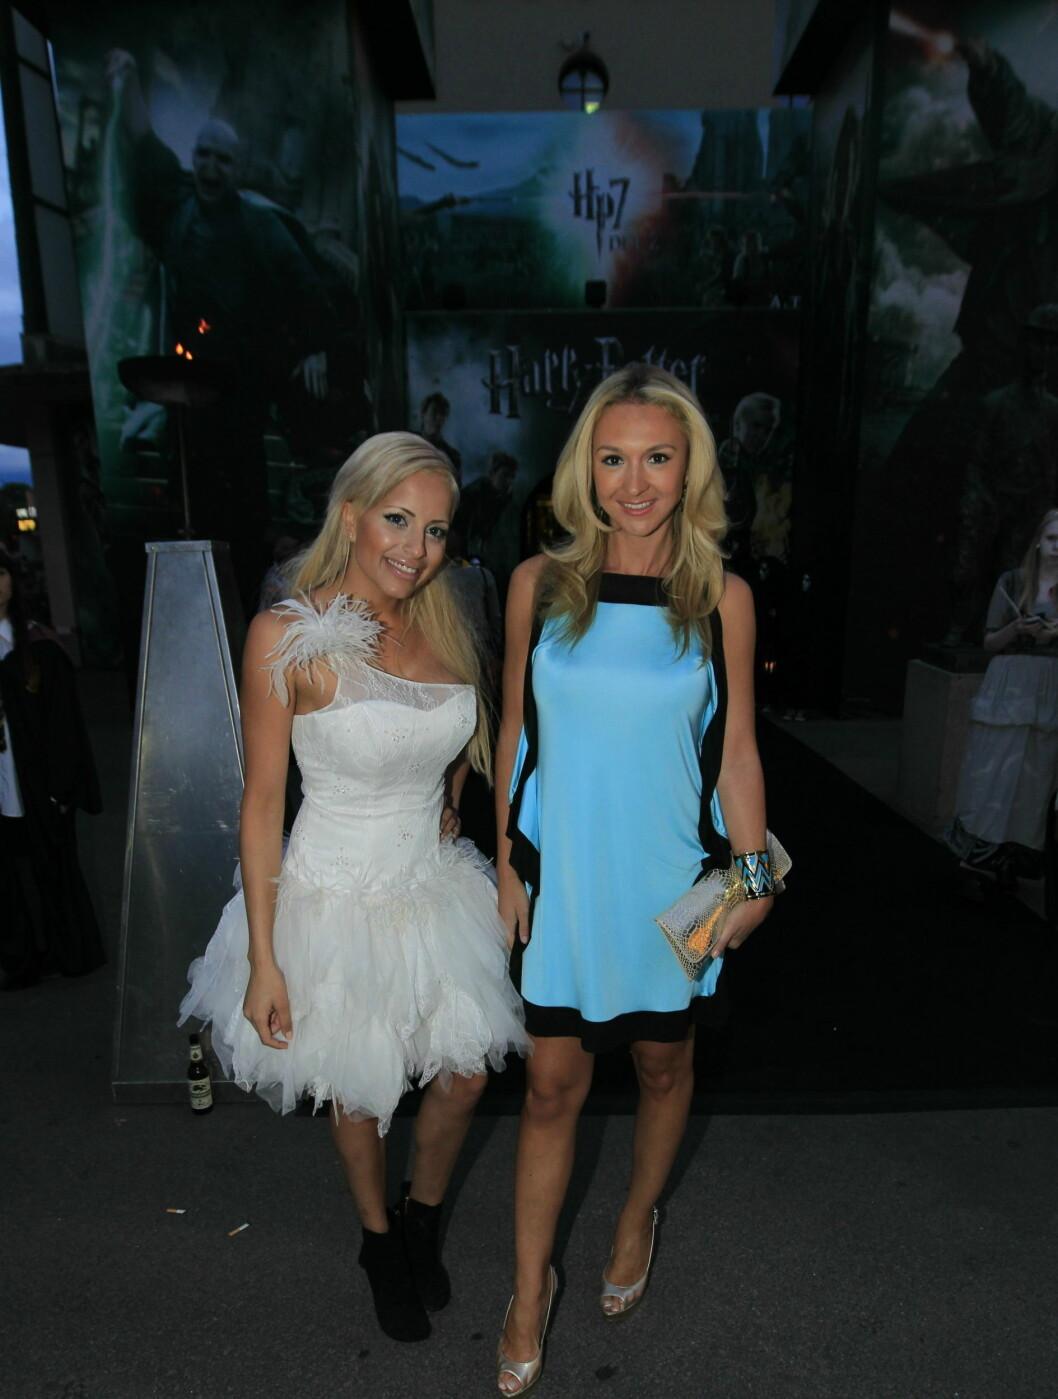 FESTET SAMMEN: Linni Meister hadde på seg Pia Haraldsen kjole når de to ankom Colosseum kino tirsdag. Foto: Scanpix